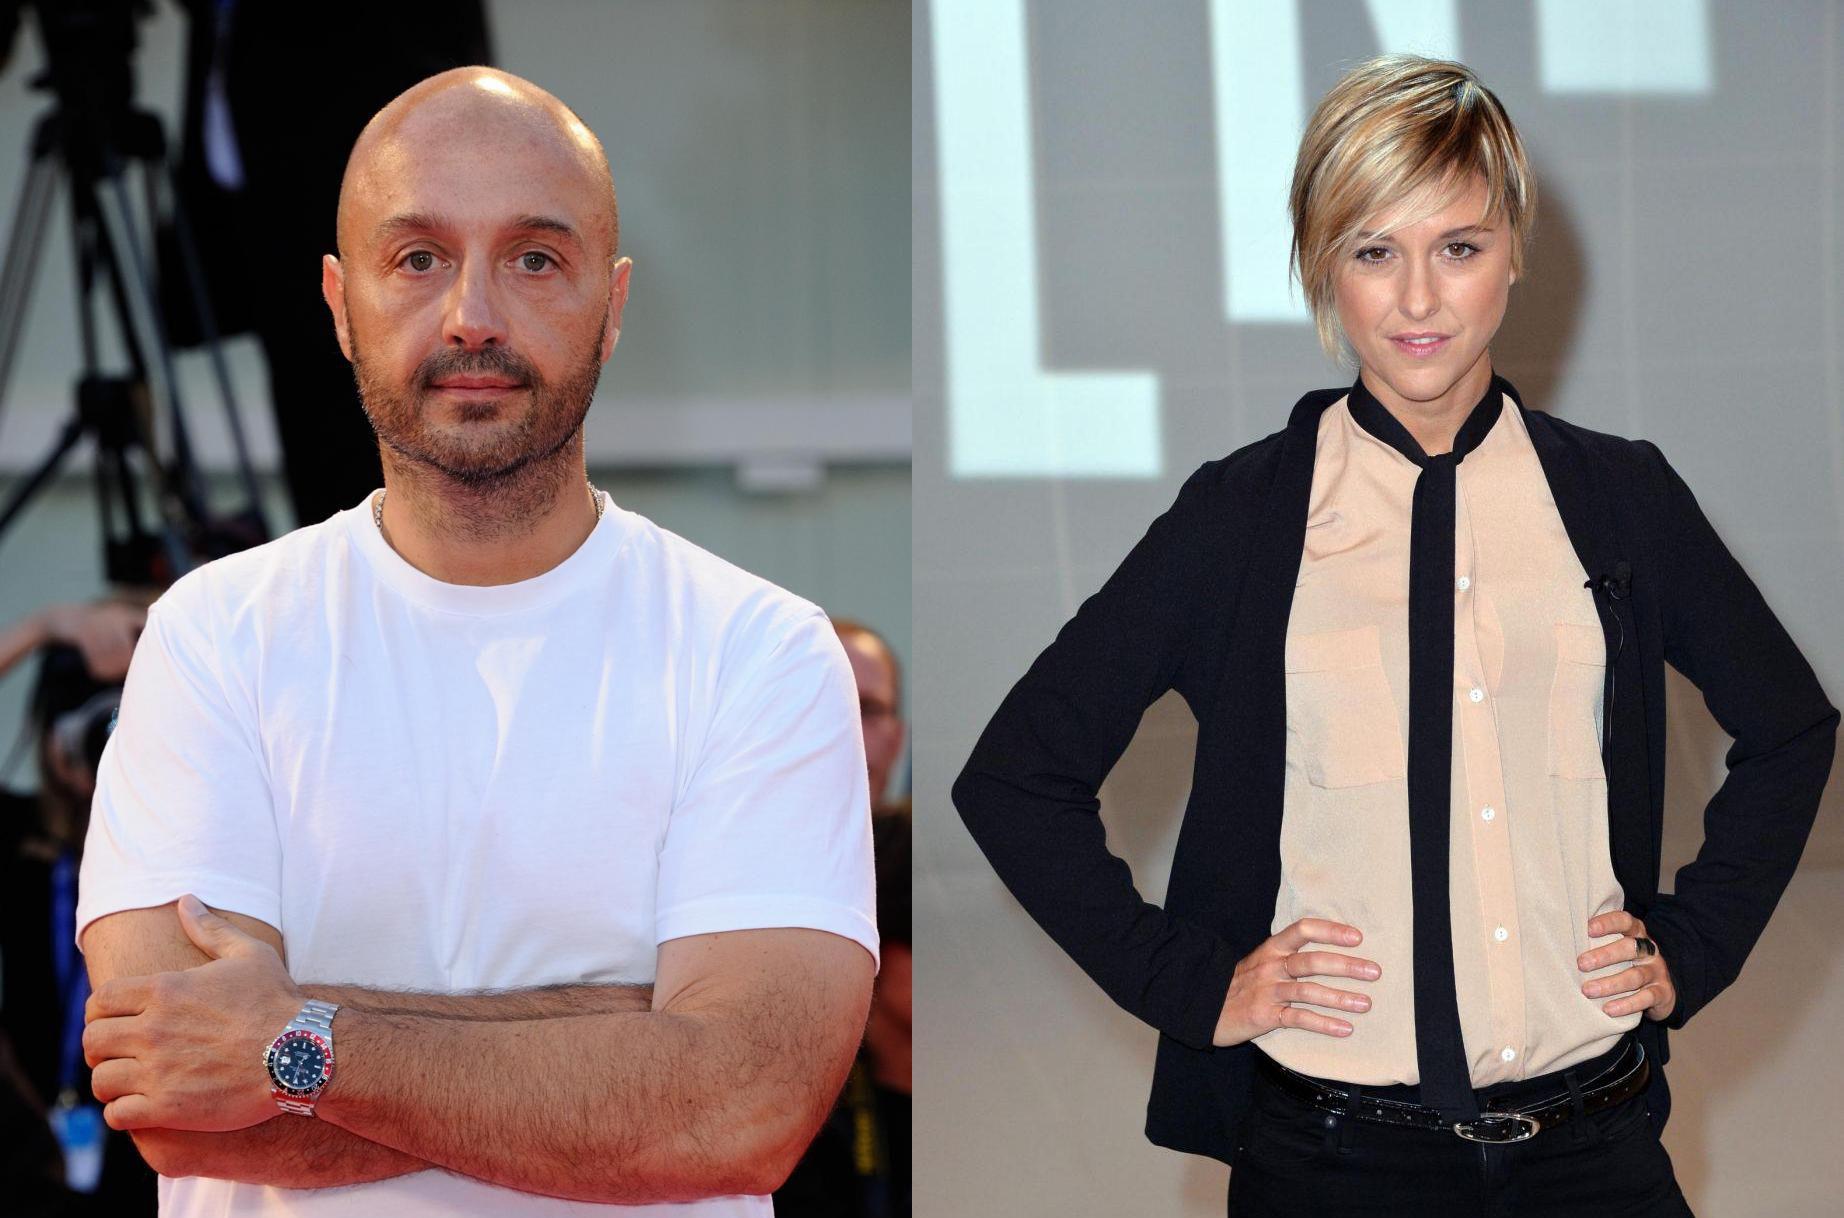 Joe Bastianich e Nadia Toffa, è amore tra il giudice di Masterchef e la Iena?